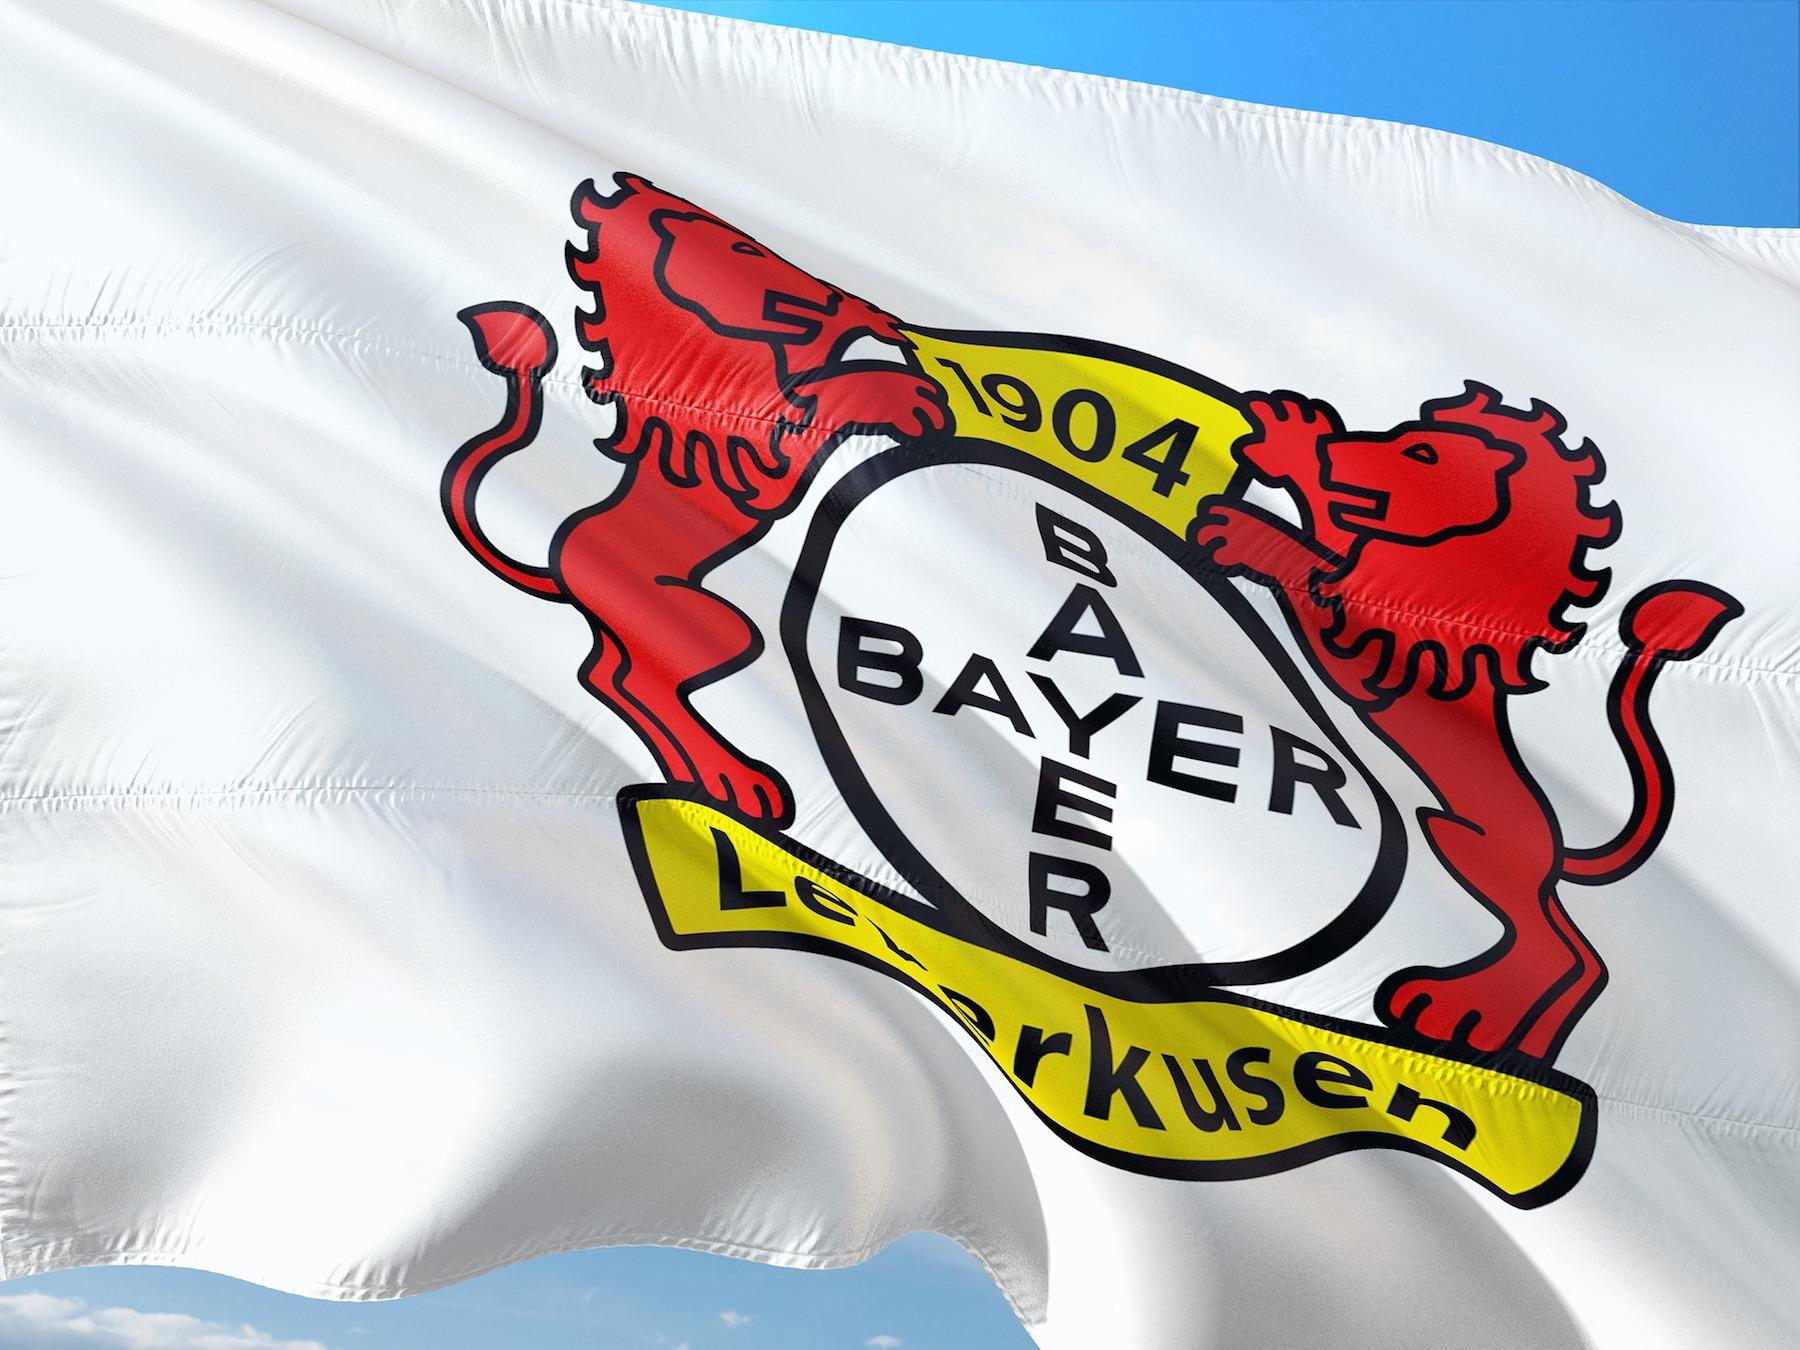 Bayer Liverkusen